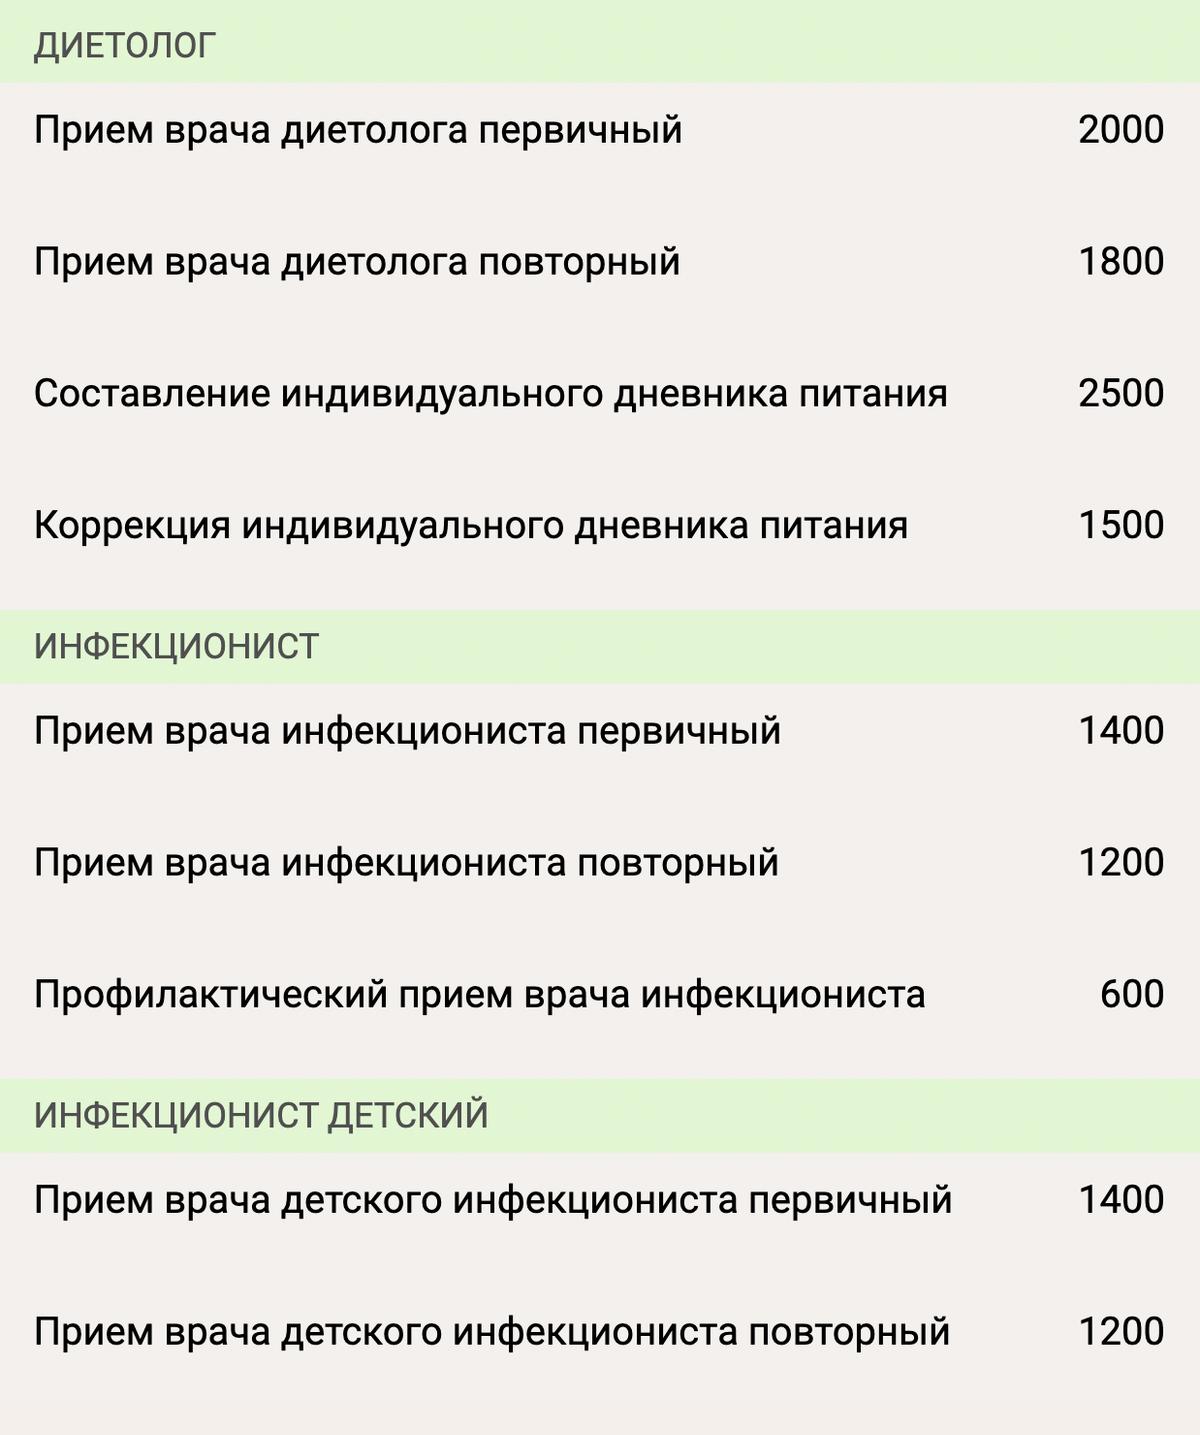 Цены на услуги в центре «Медицея» — но это выше средних по Ижевску